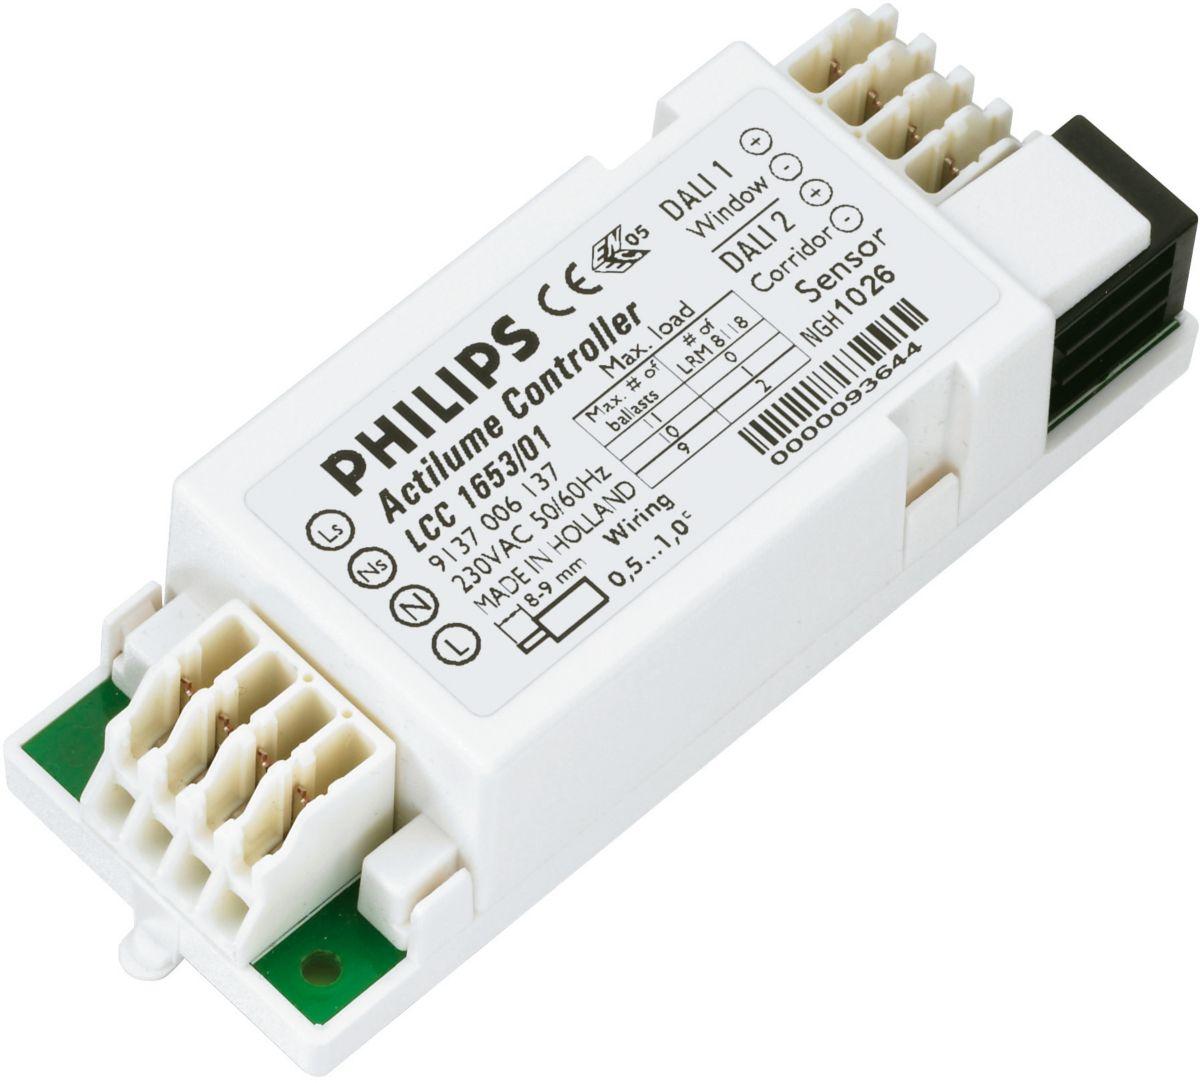 ActiLume DALI Leuchtenintegrierte Lichtsteuerung - Innen - Philips ...